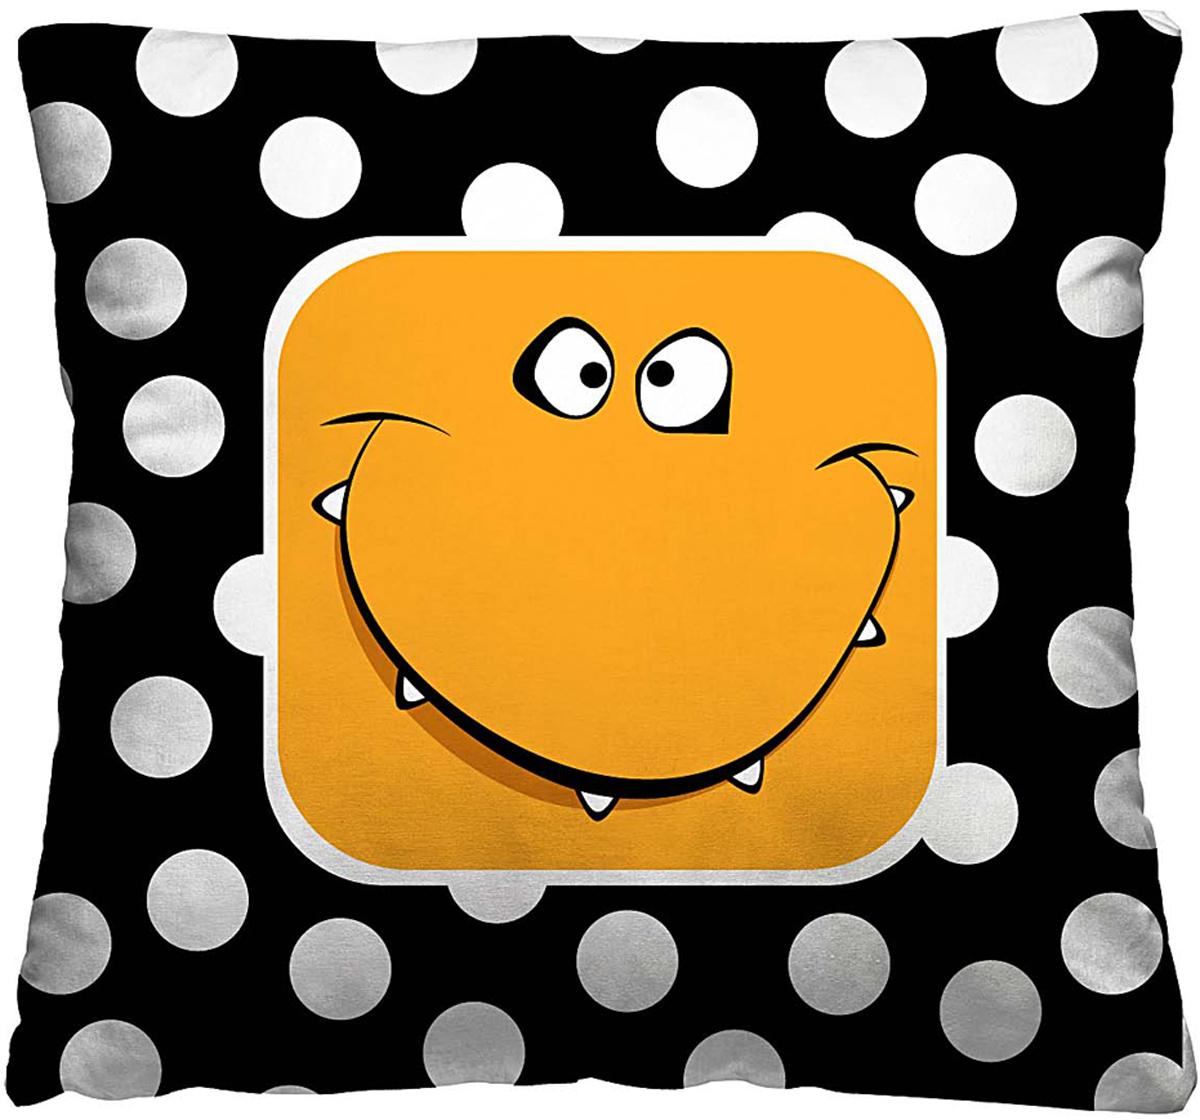 Подушка декоративная Волшебная ночь Смайлик, 40 х 40 см197157Одной из задач, которую решают подушки, является создание яркости и цветности в интерьере. Также изделия создают особую домашнюю атмосферу и уют. Конструкция декоративной подушки - практичная, удобная в эксплуатации и уходе.Особенности изделия: - Съёмный чехол на молнии; - Наполнитель в индивидуальной наволочке; - Оборотная сторона из стёганого полотна для улучшения формоустойчивостиРазмер: 40 x 40 см. Ткань чехла - полиэстер 100%. Наполнитель - мягкое и объёмное волокно из полиэстера 100%. Упаковка - Стильная упаковка с zip застёжкой.